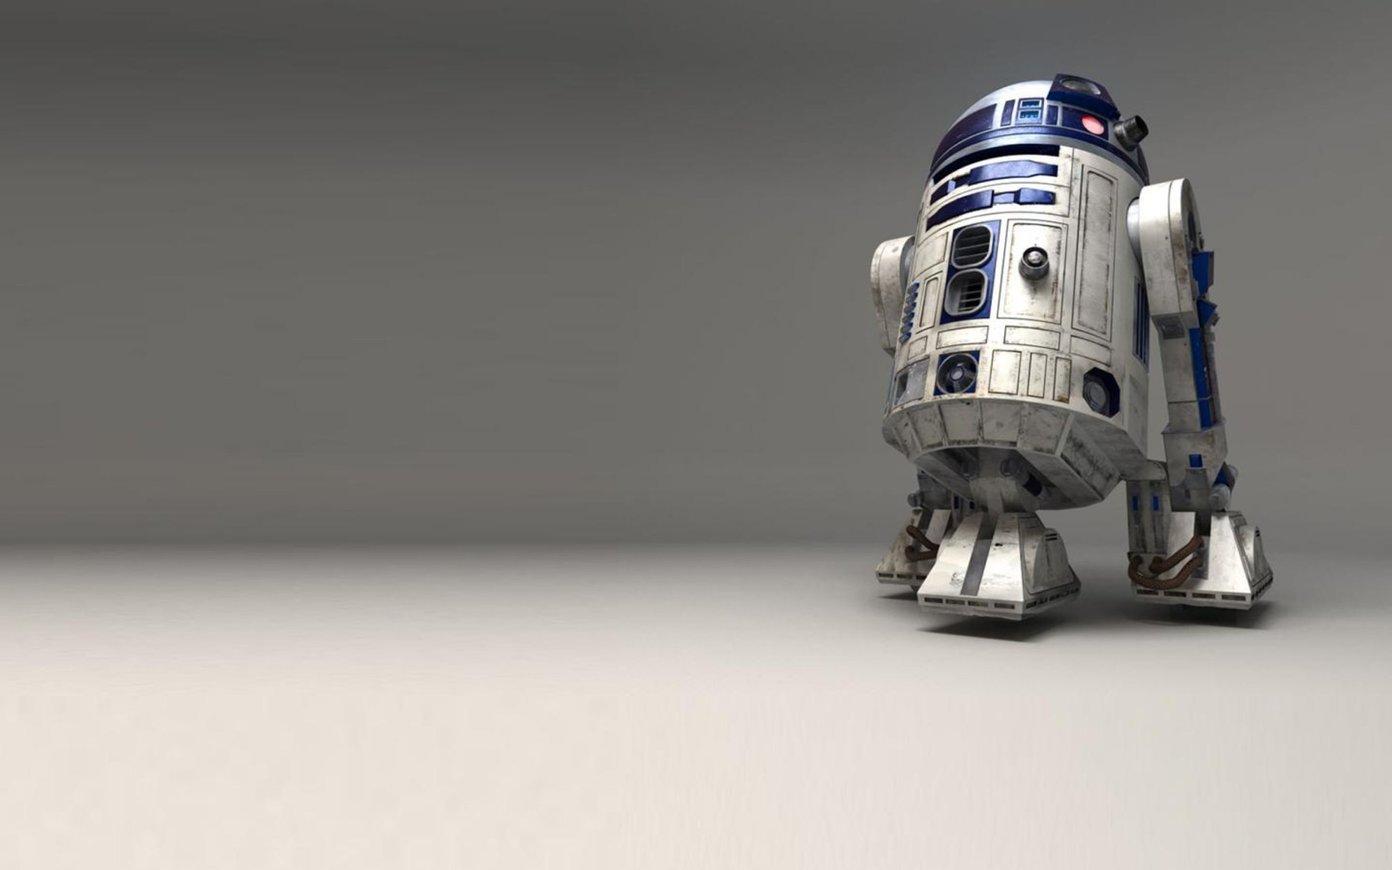 Los 14 mejores fondos de pantalla de Star Wars HD y 4K para teléfono y PC 5